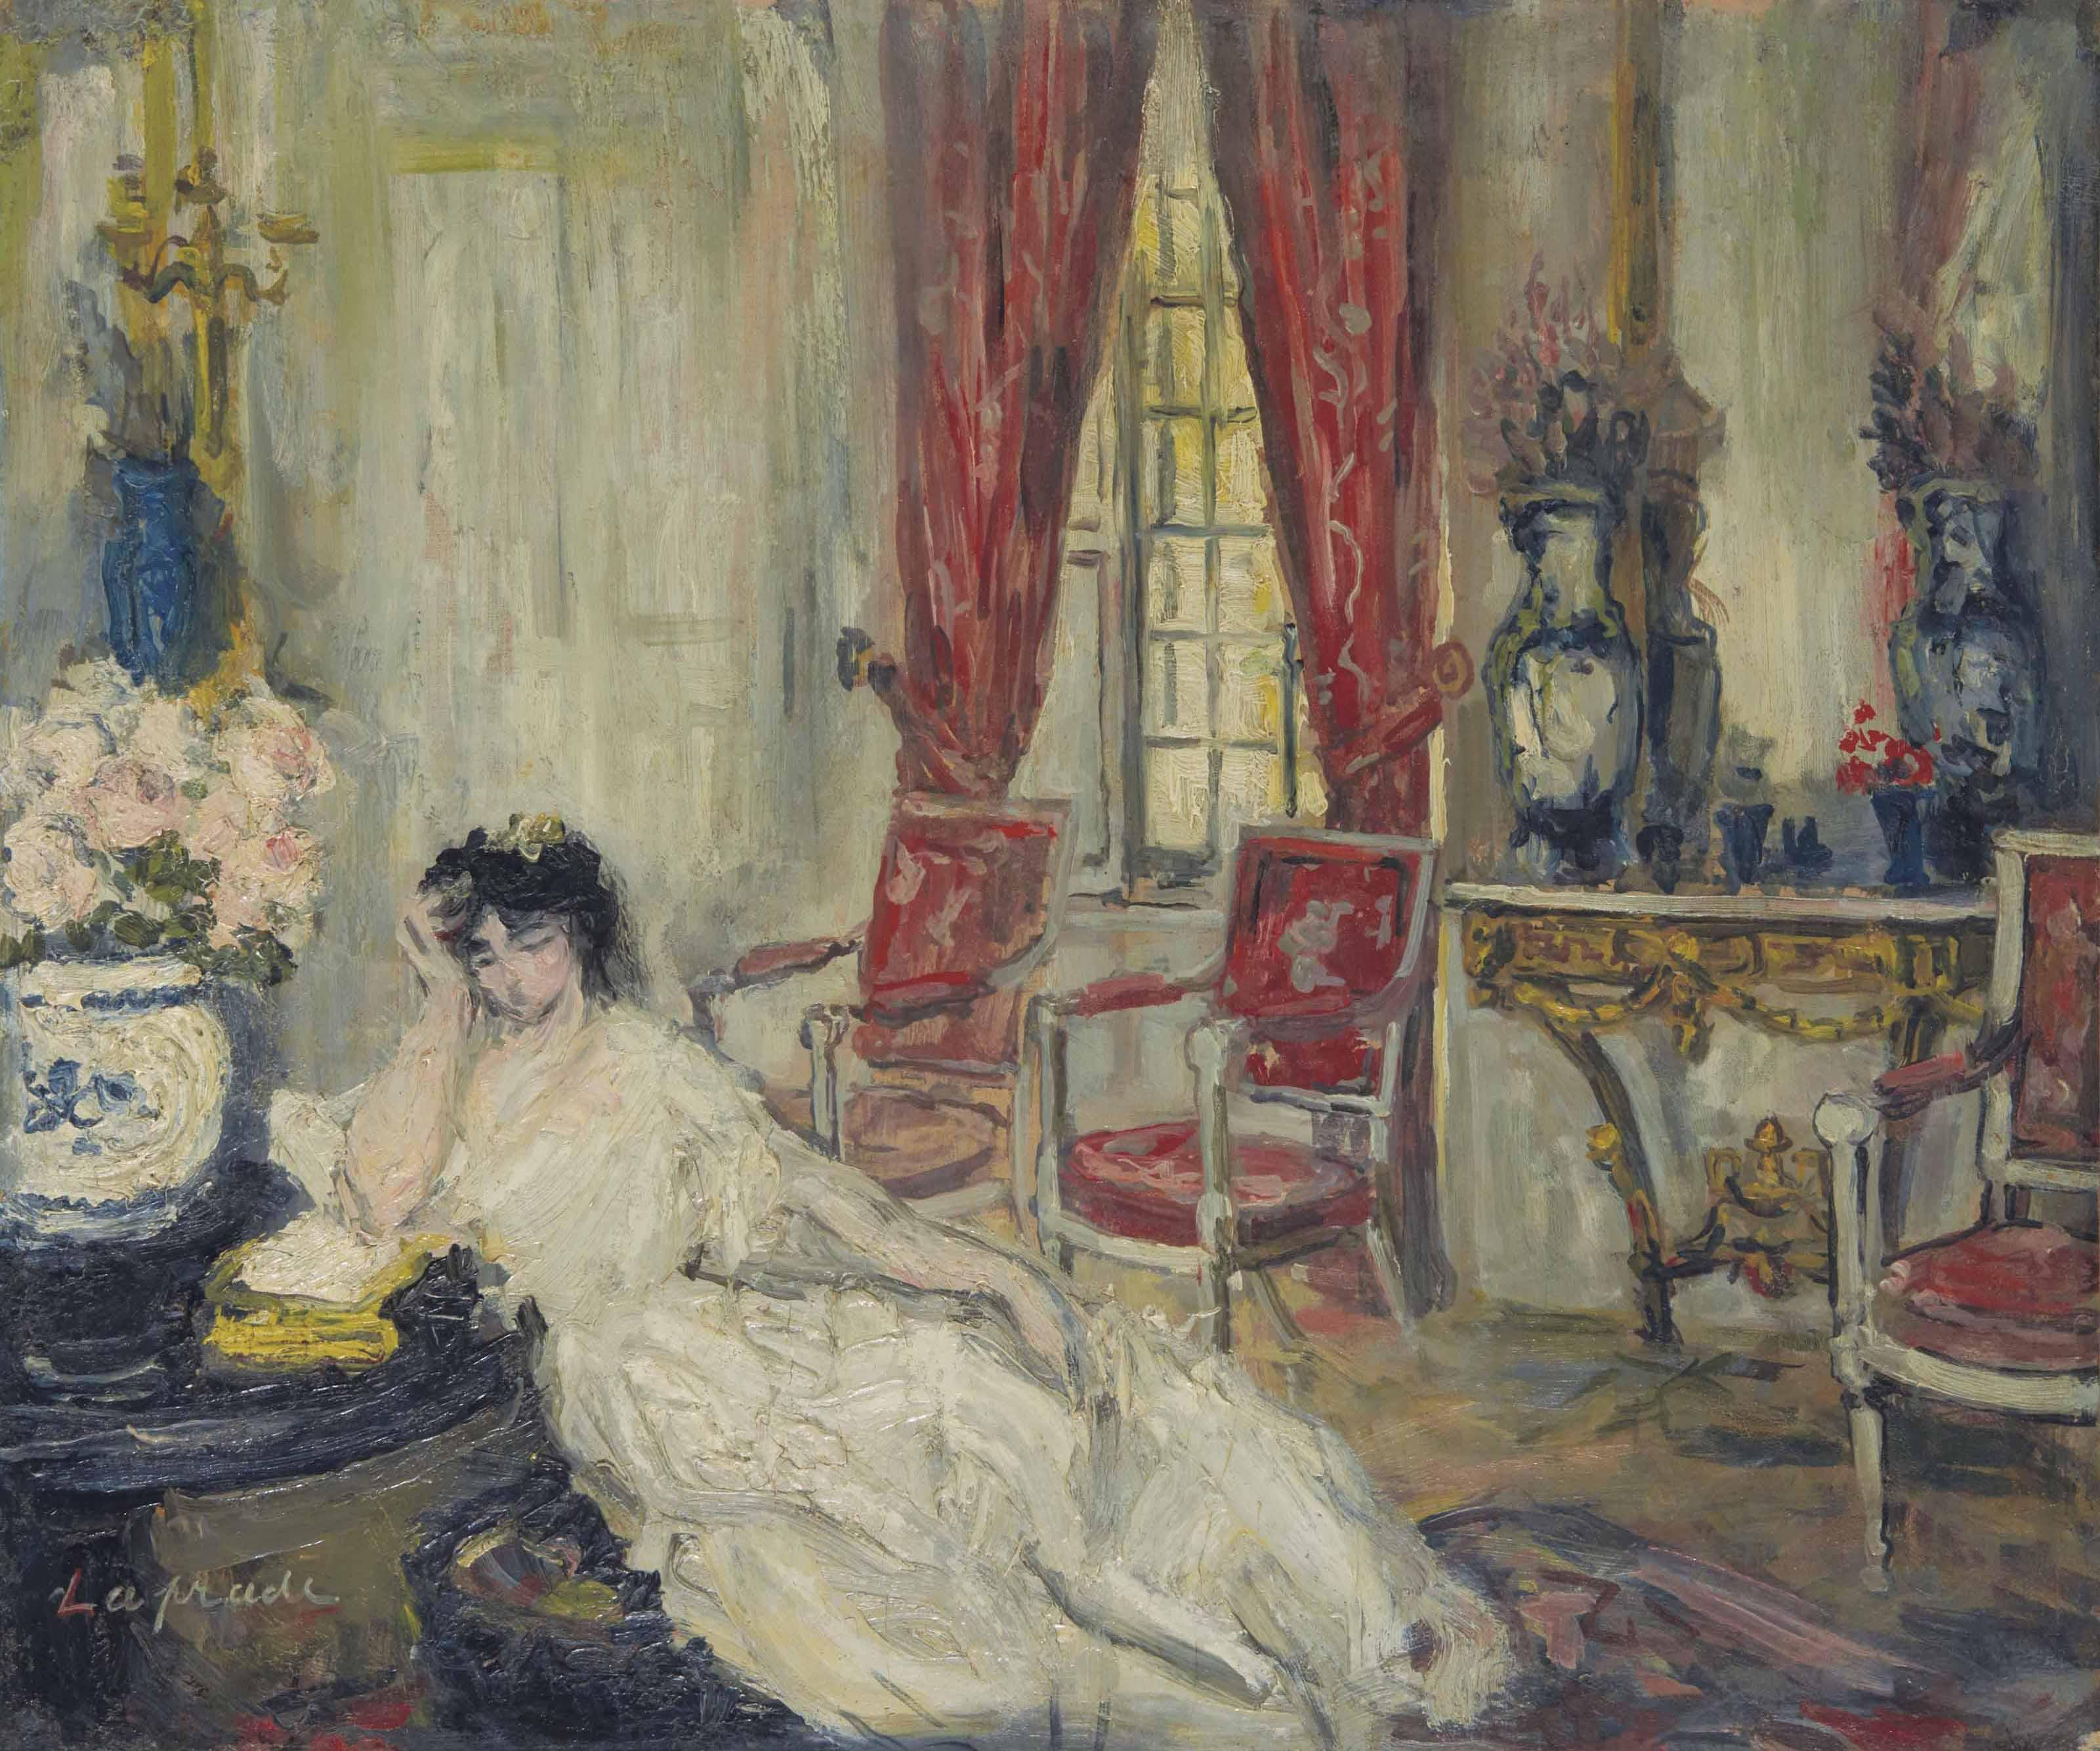 La femme de l'artiste accoudée dans son salon